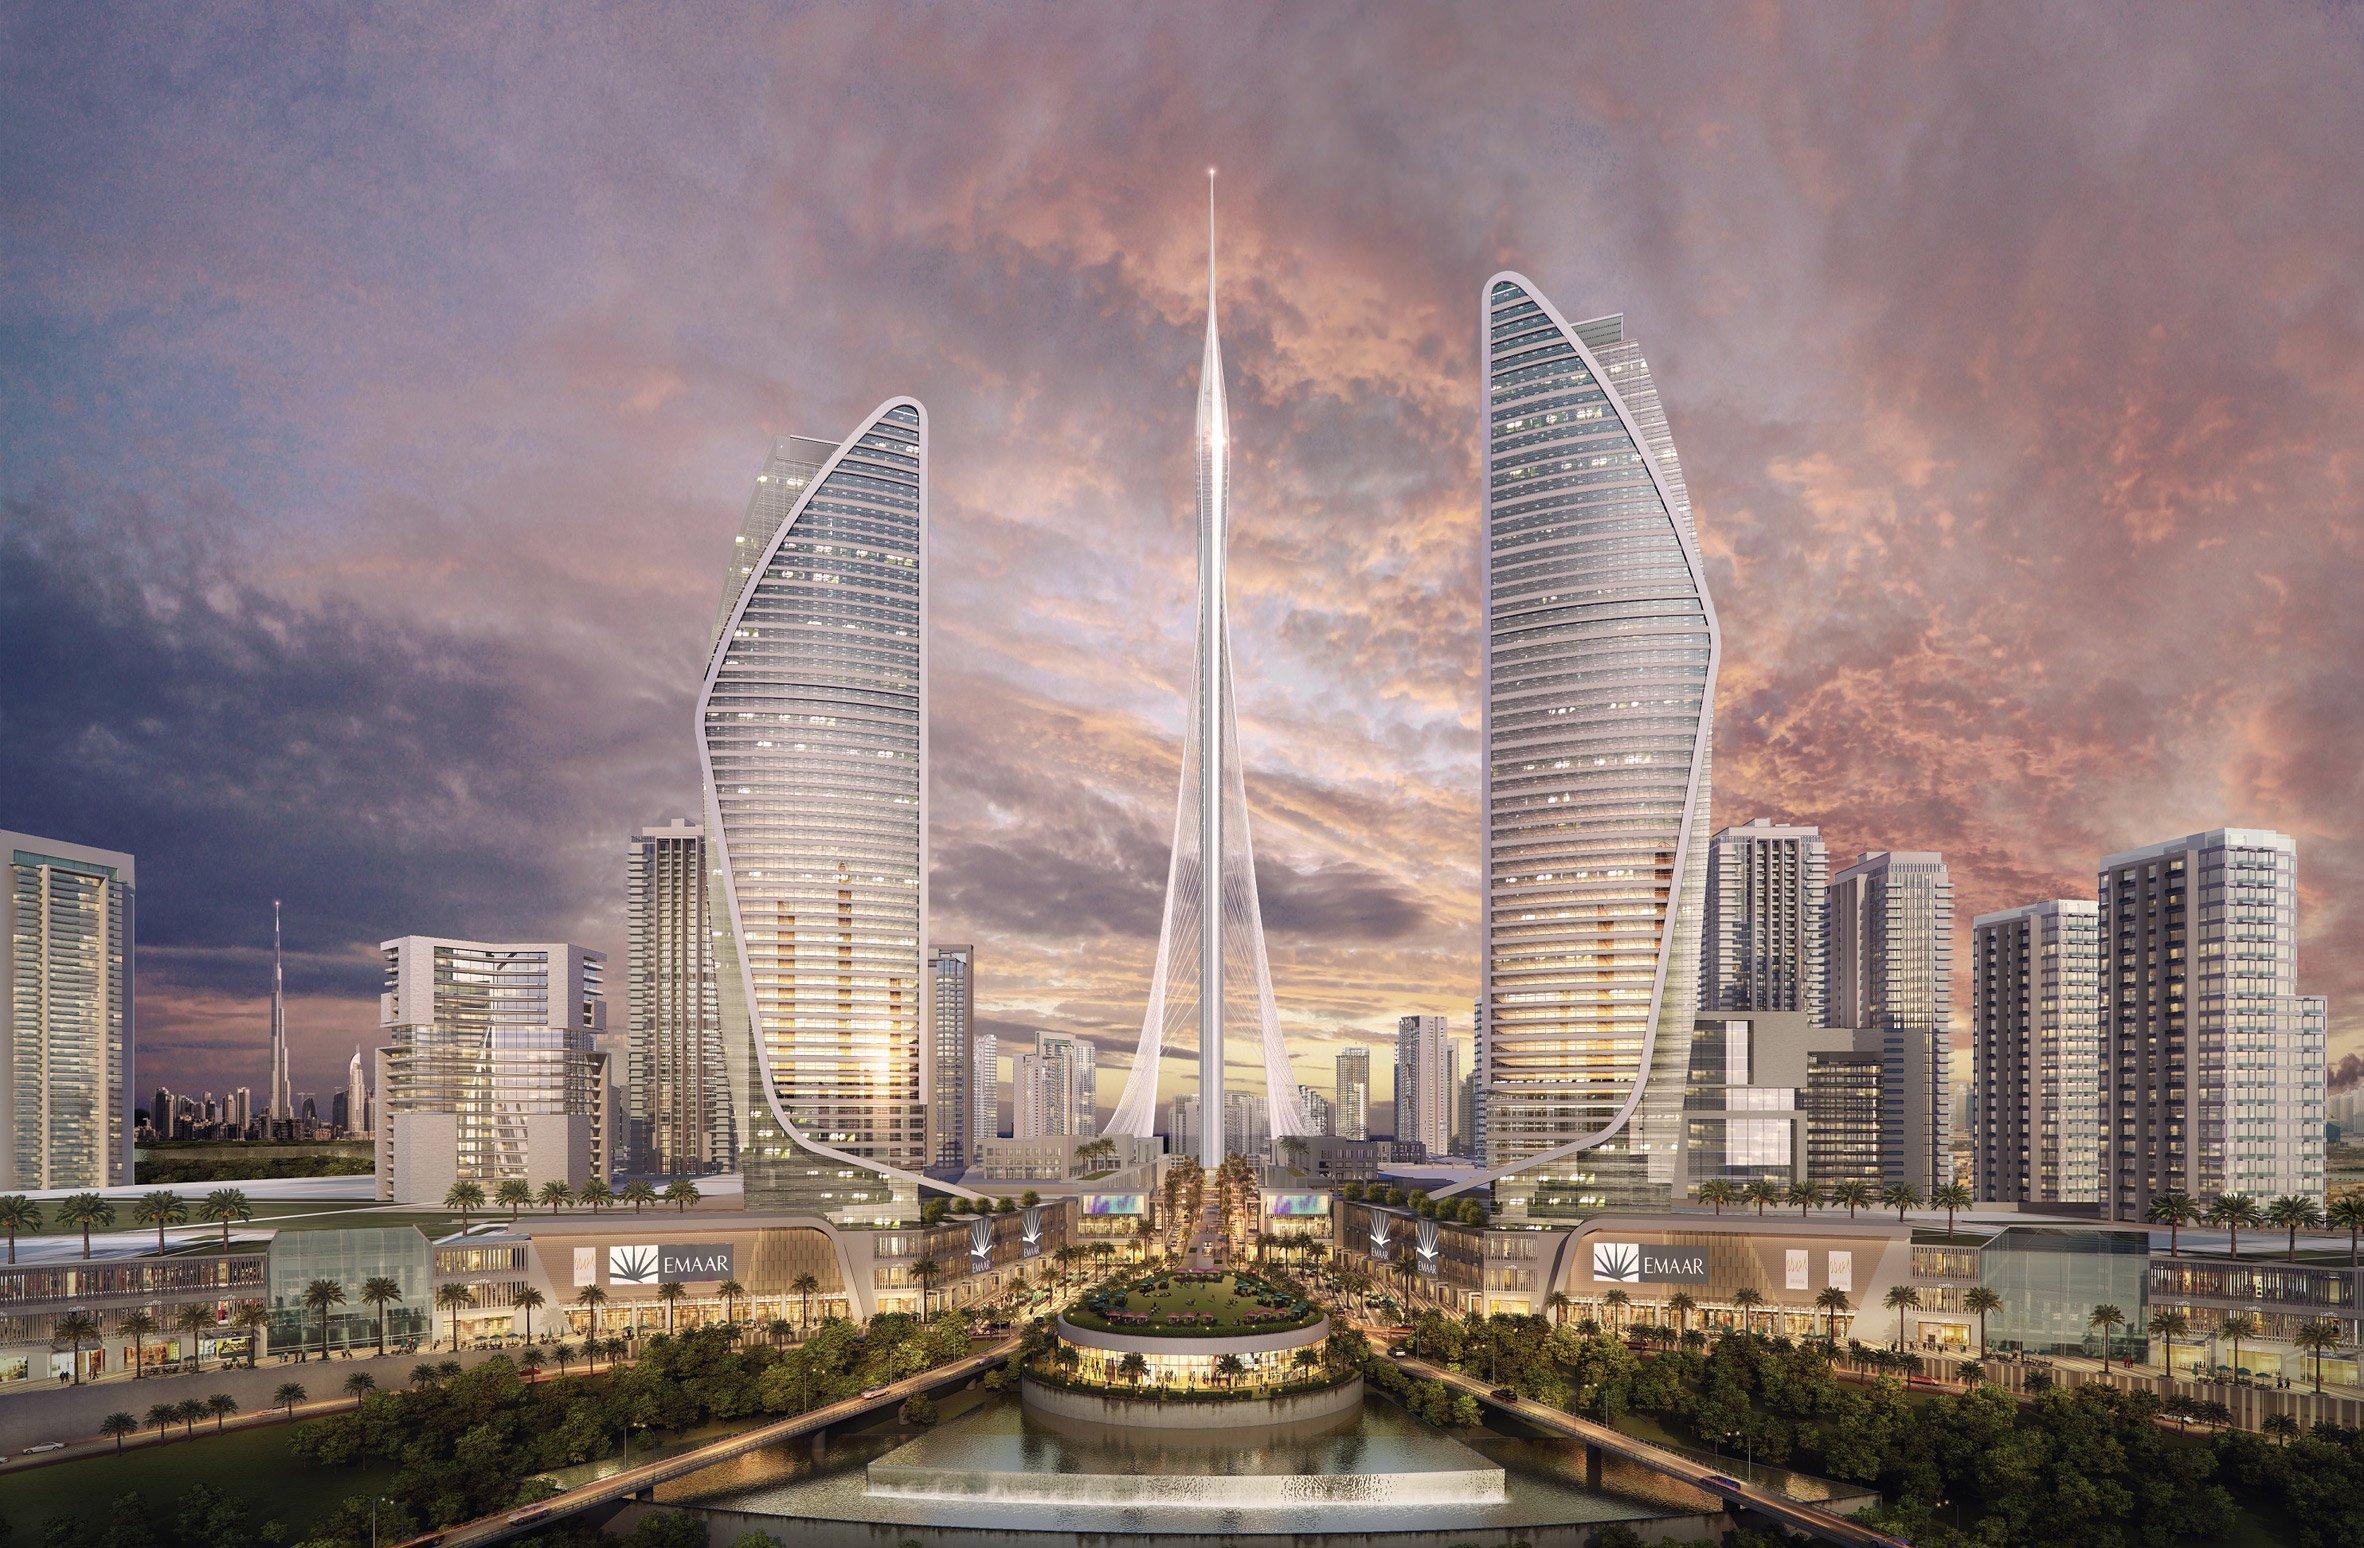 """Ecco il """"The Tower"""" di Calatrava: a Dubai sono iniziati i lavori per costruire il grattacielo più alto del mondo [GALLERY]"""